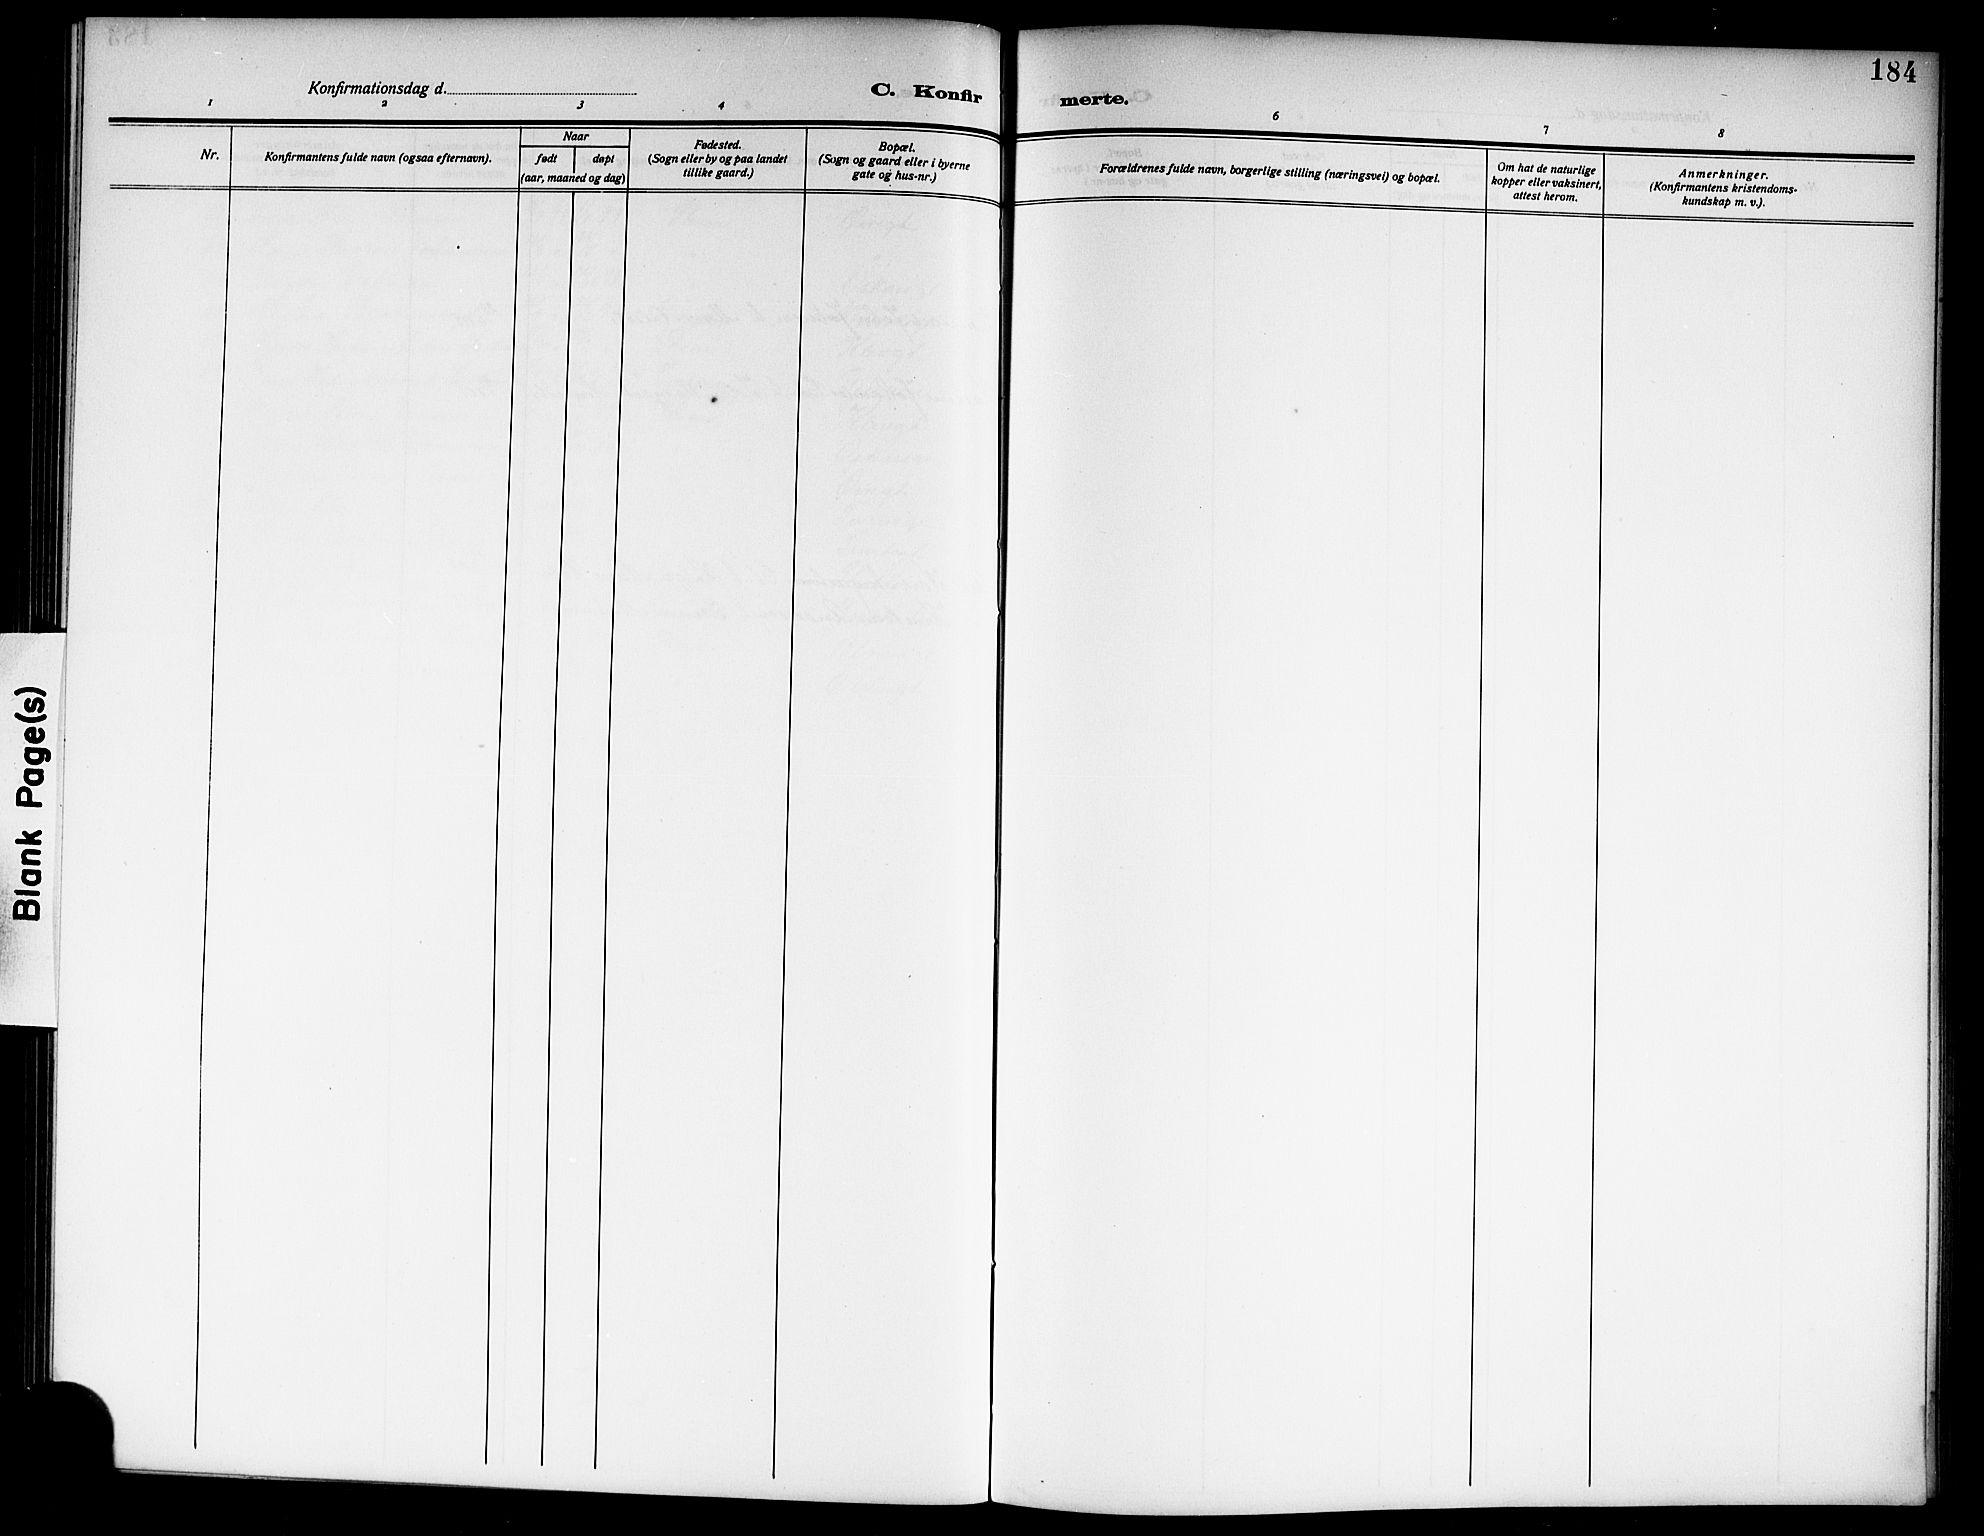 SAKO, Skien kirkebøker, G/Ga/L0009: Klokkerbok nr. 9, 1910-1920, s. 184